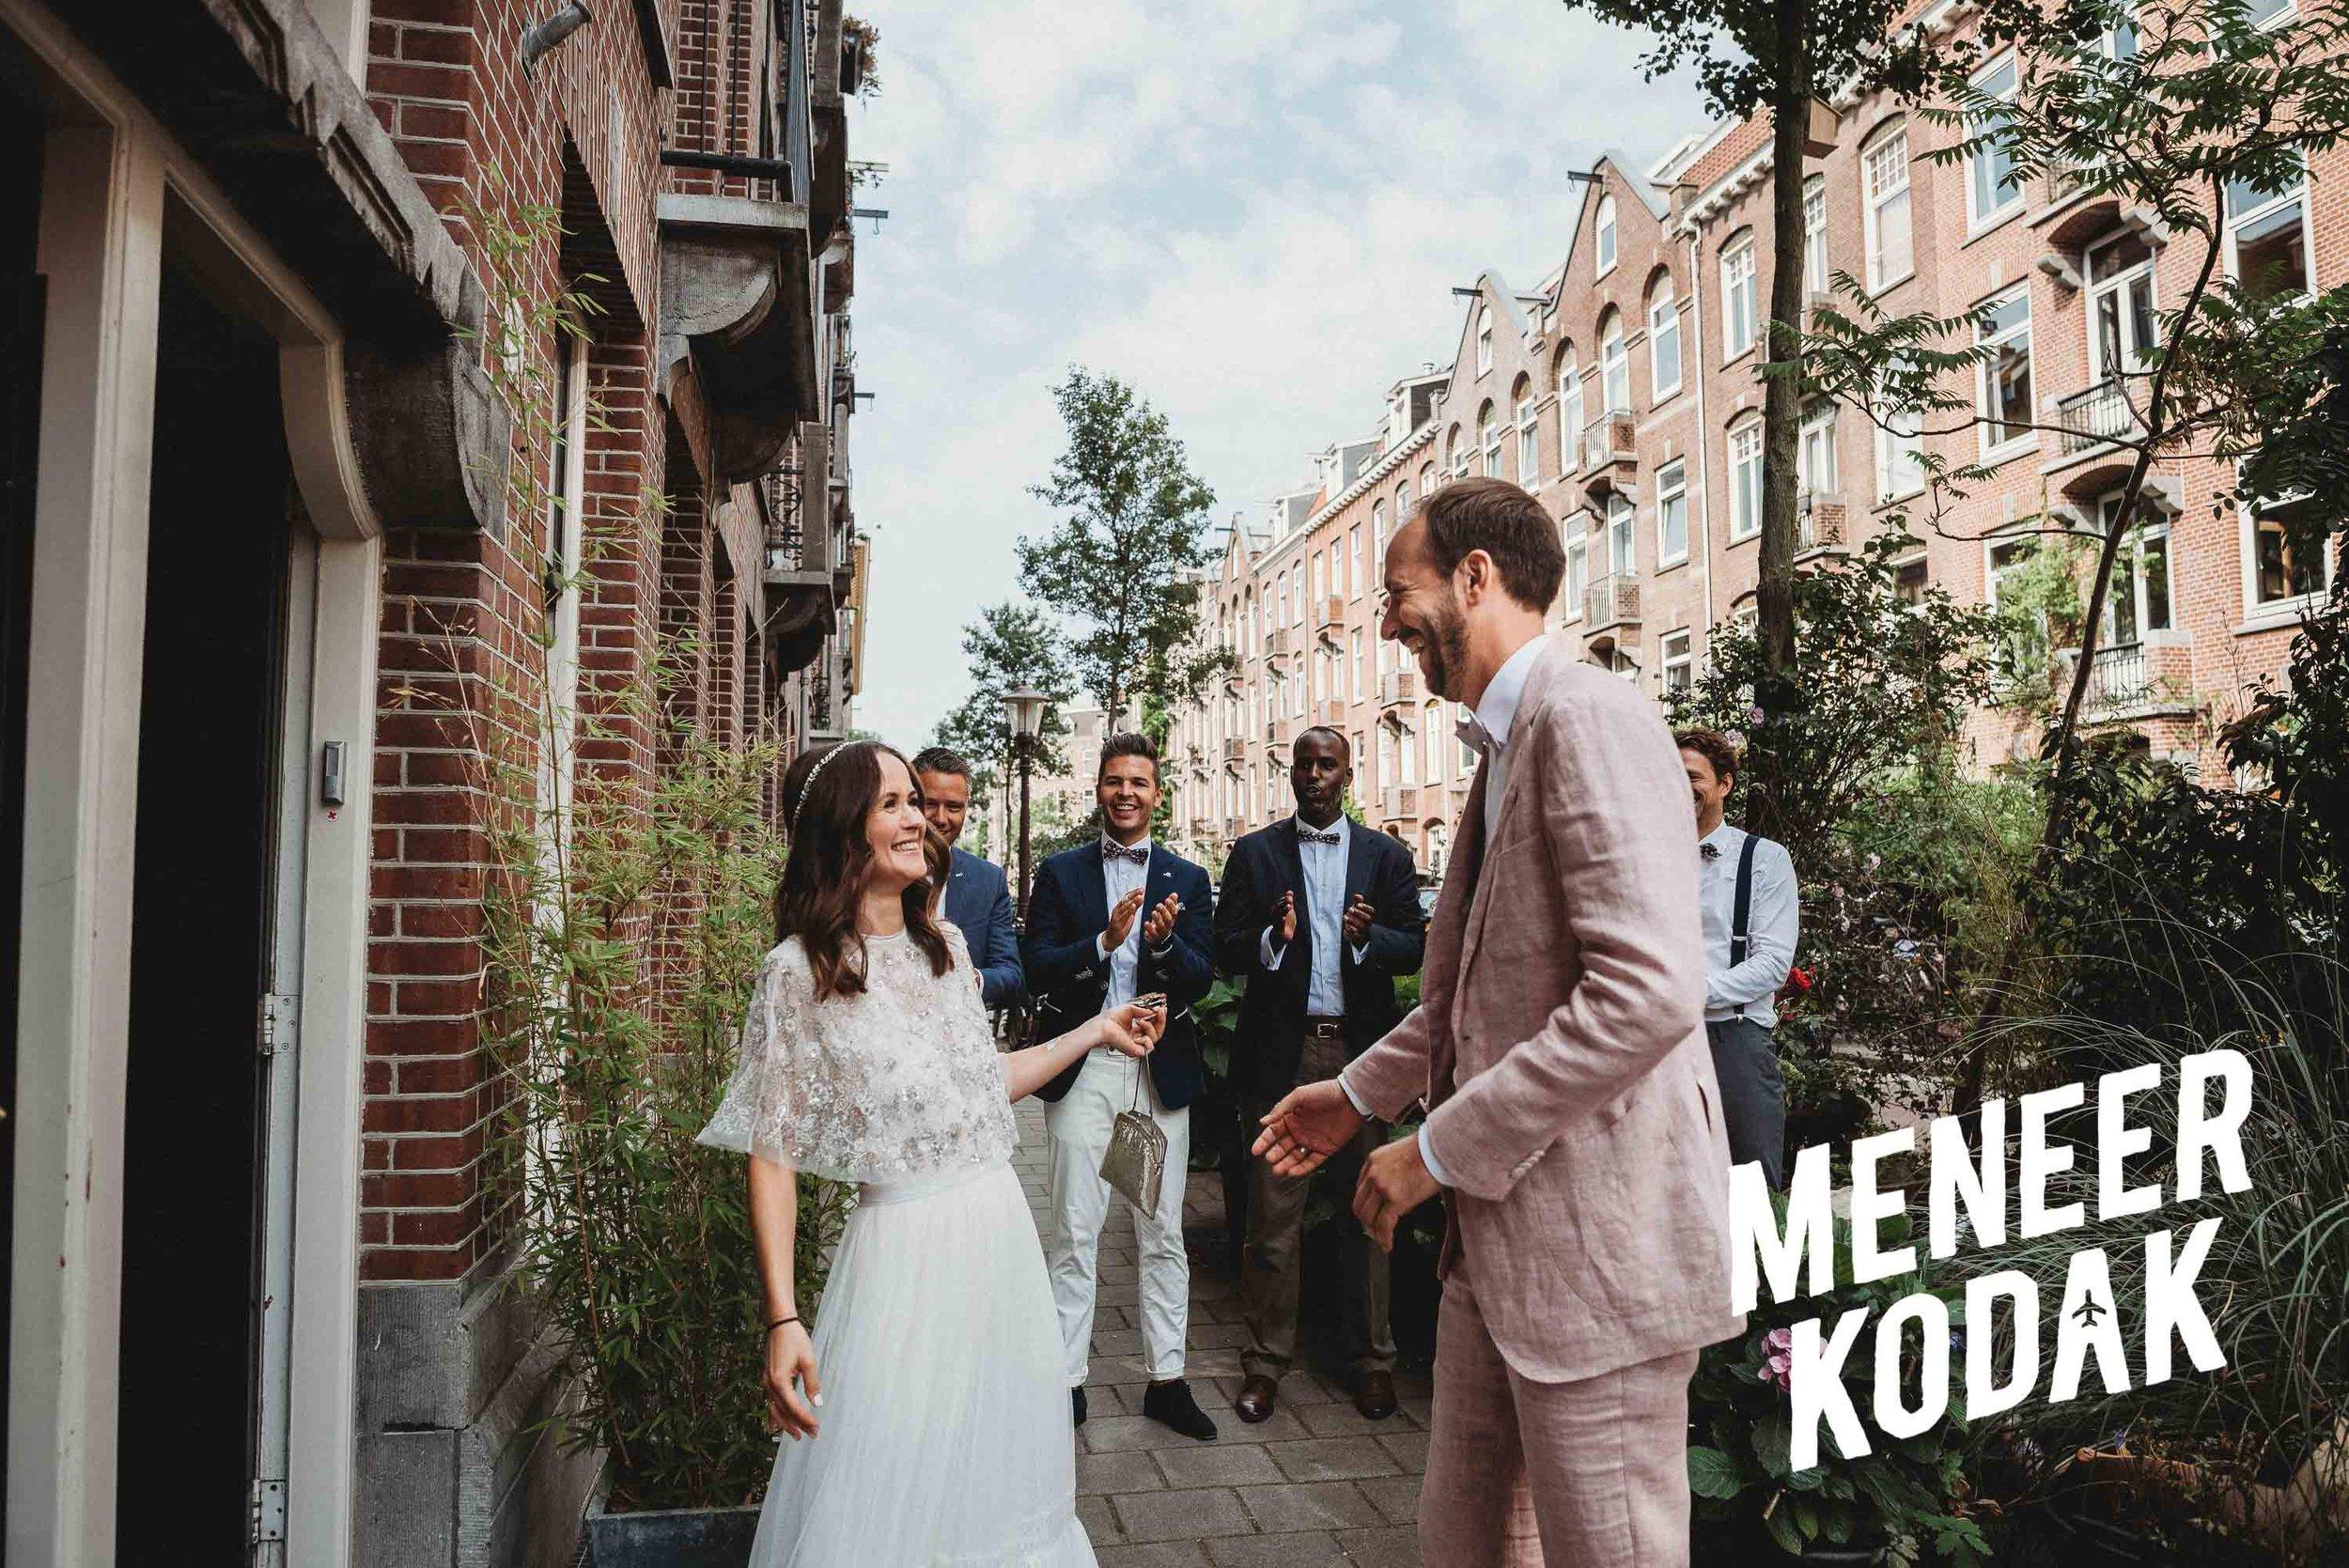 Meneer Kodak - Trouwfotograaf - Amsterdam - H&T-033.jpg